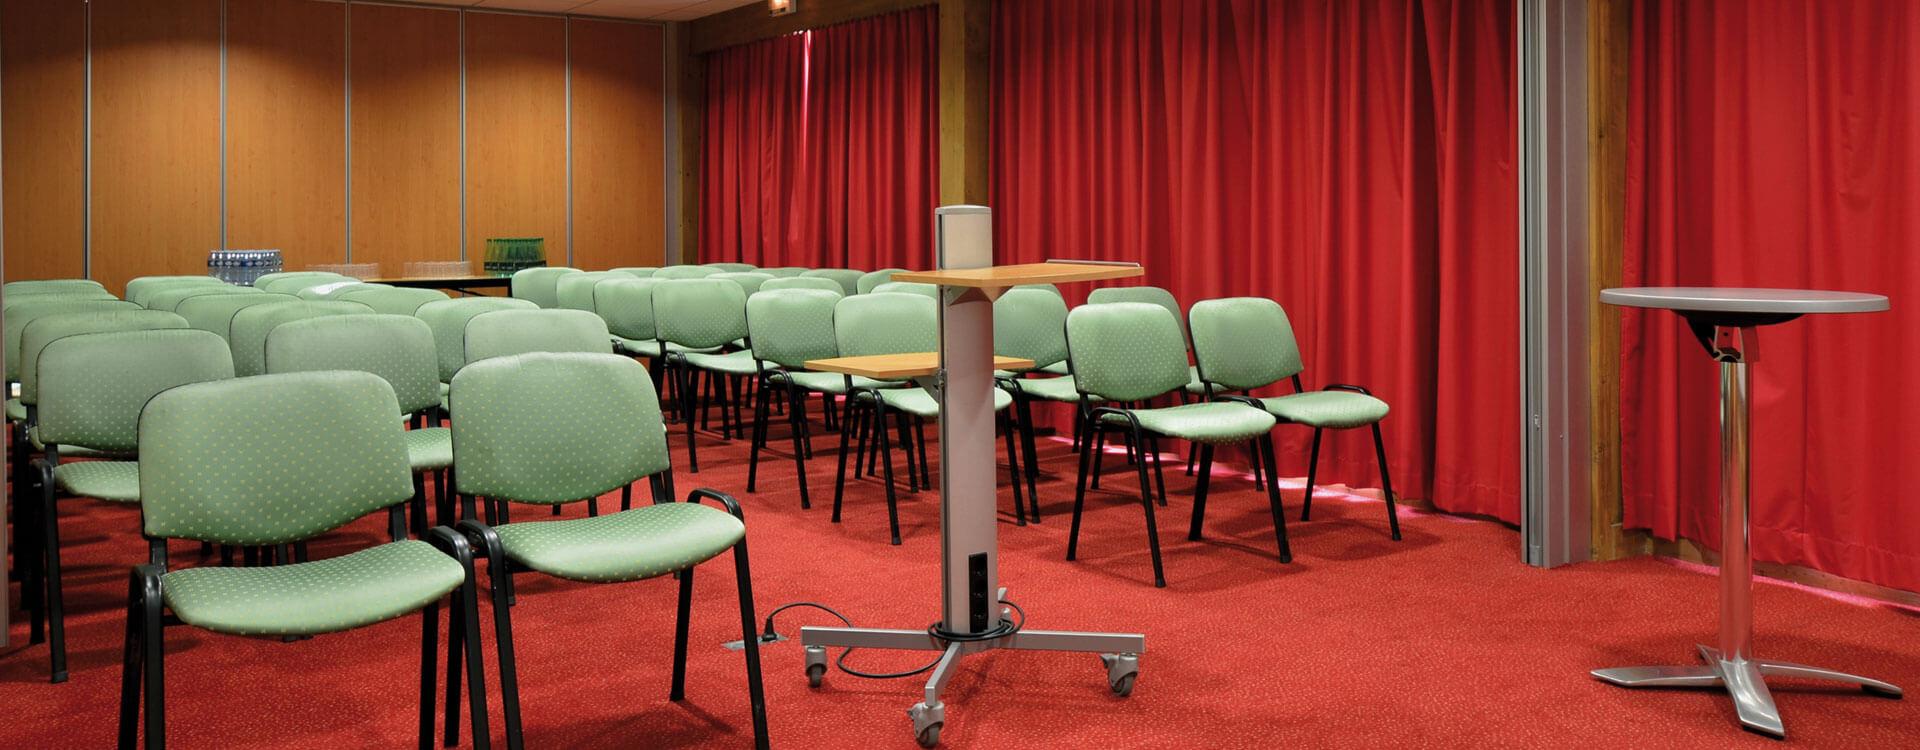 Salle de réunion - Hôtel 3 étoiles à La Plagne